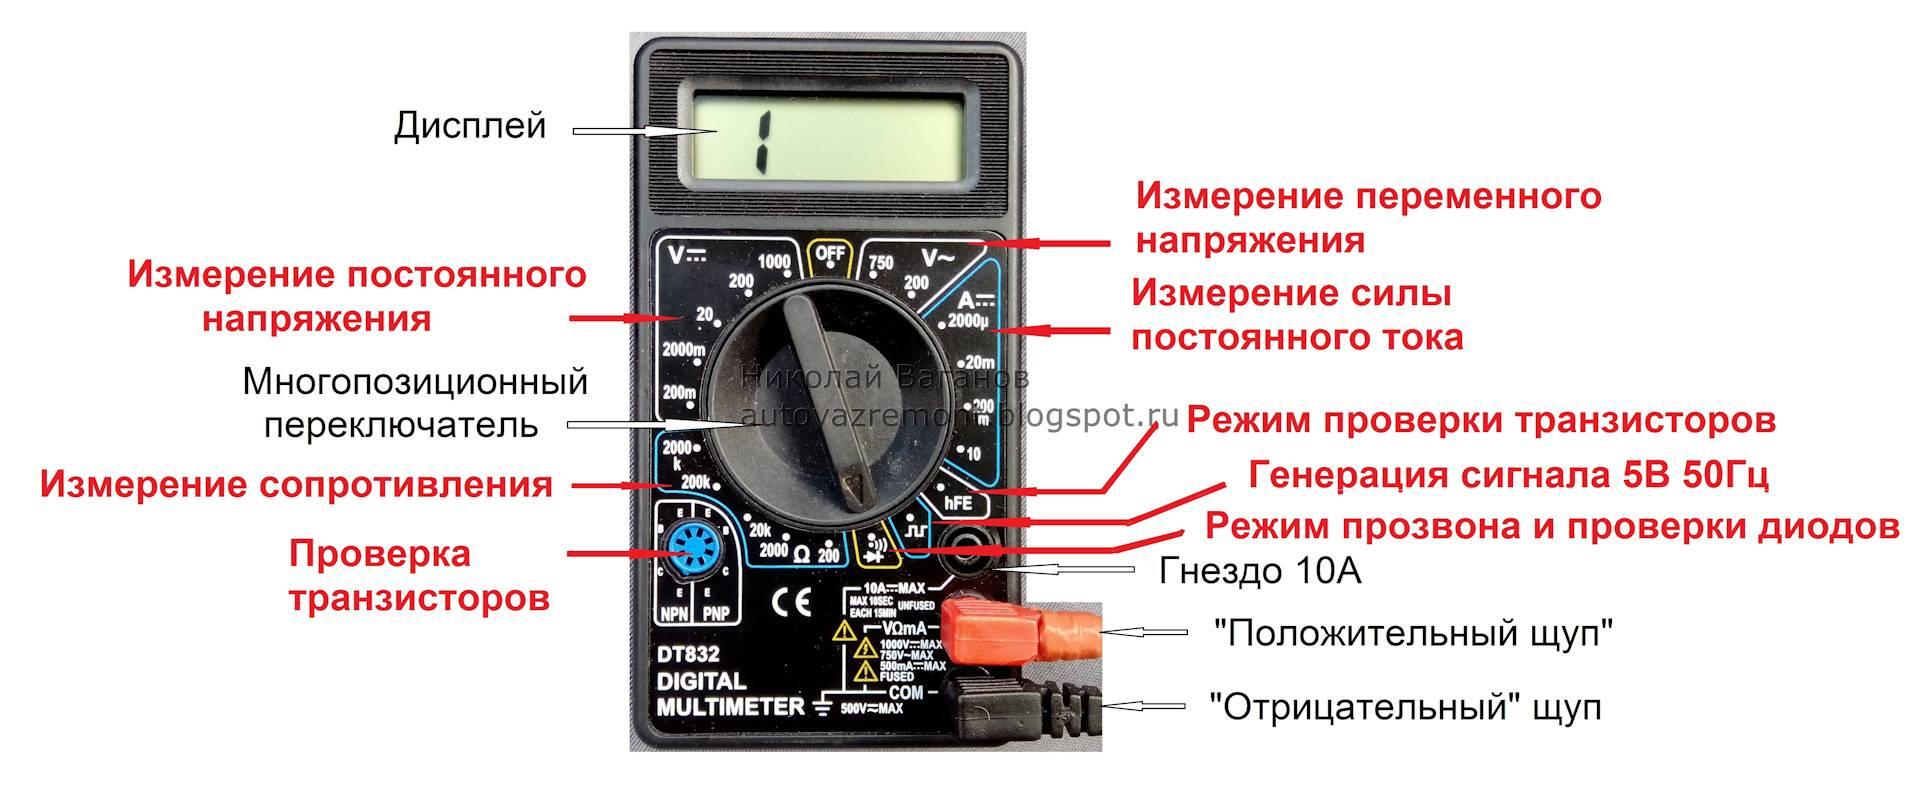 Как пользоваться мультиметром: видео и инструкция для чайников